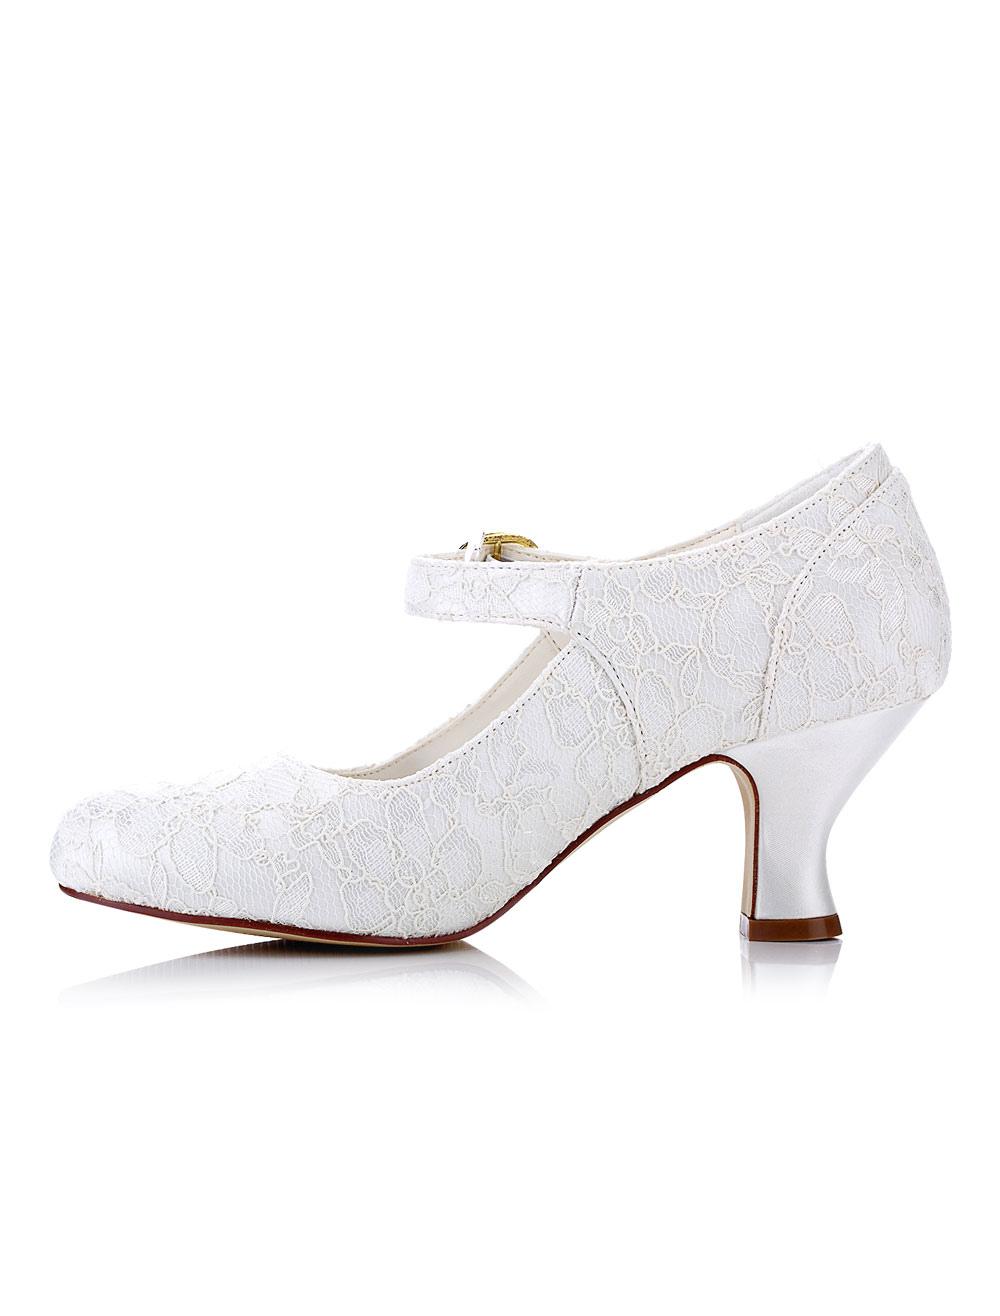 Hochzeitsschuhe   Brautschuhe - Shop die neuesten Styles   Milanoo.com 1aceaf982c